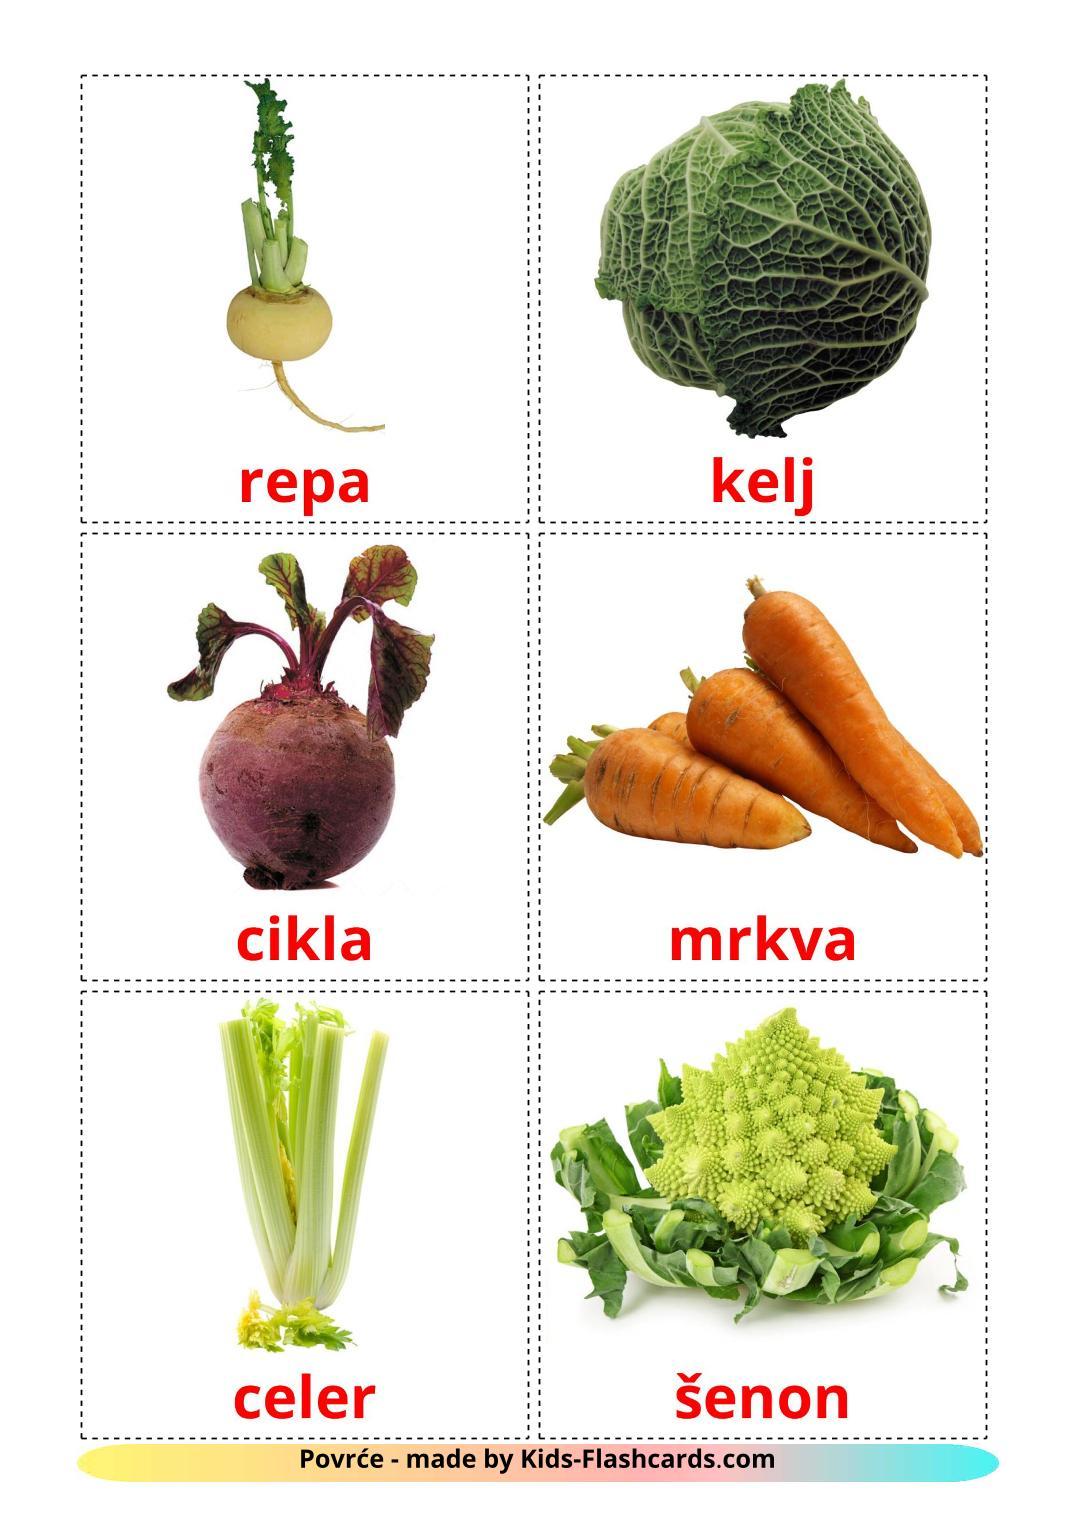 Vegetables - 29 Free Printable croatian Flashcards